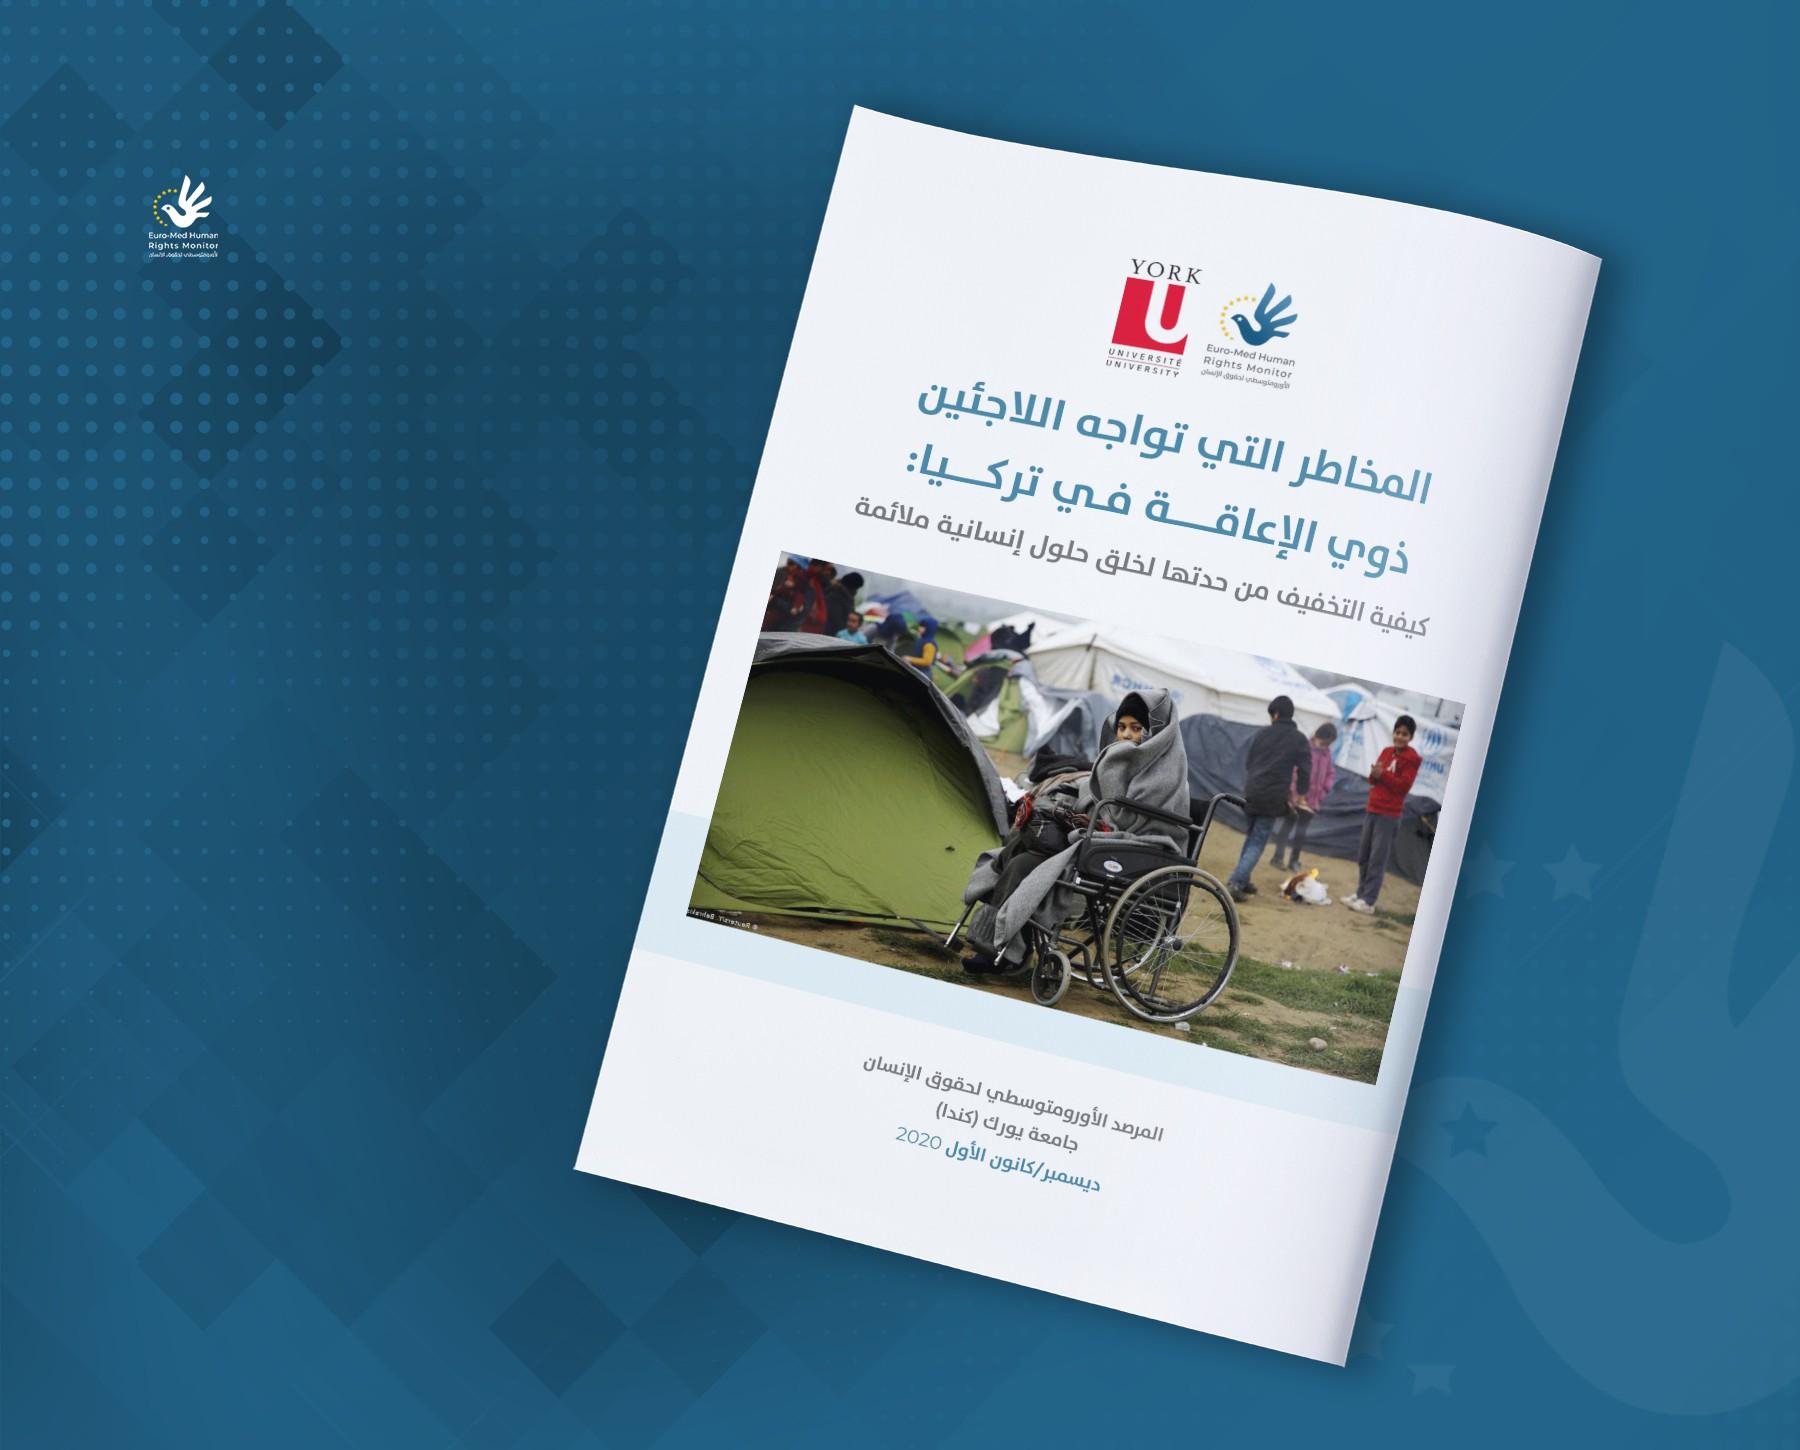 """دراسة للأورومتوسطي وجامعة """"يورك"""" توصي بتوفير بيئة شاملة للاجئين ذوي الإعاقة في تركيا"""